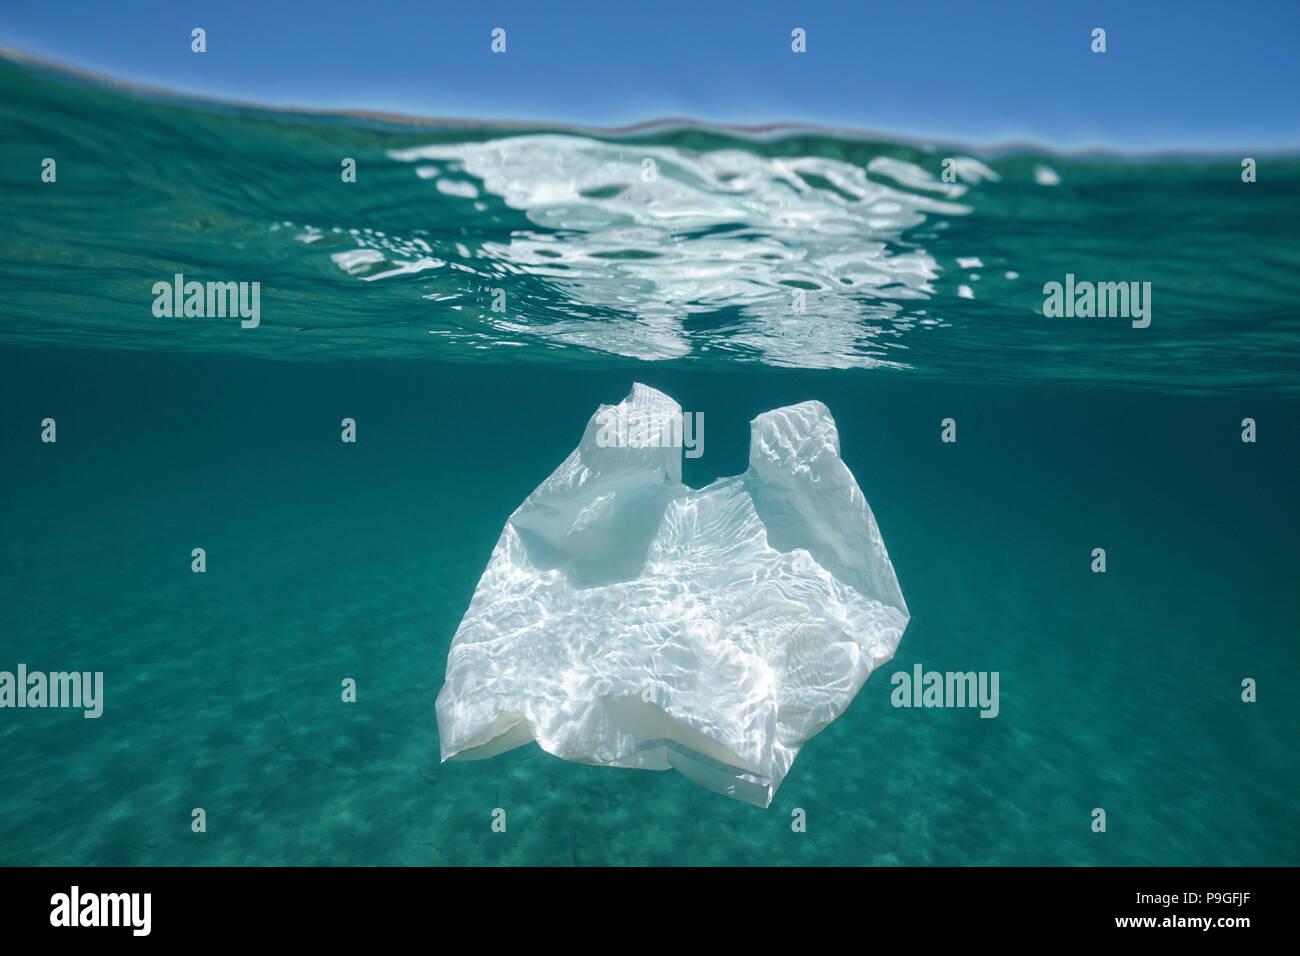 Contaminación subacuática una bolsa de plástico a la deriva en el mar Mediterráneo por debajo de la superficie del agua, Almería, Andalucía, España Imagen De Stock